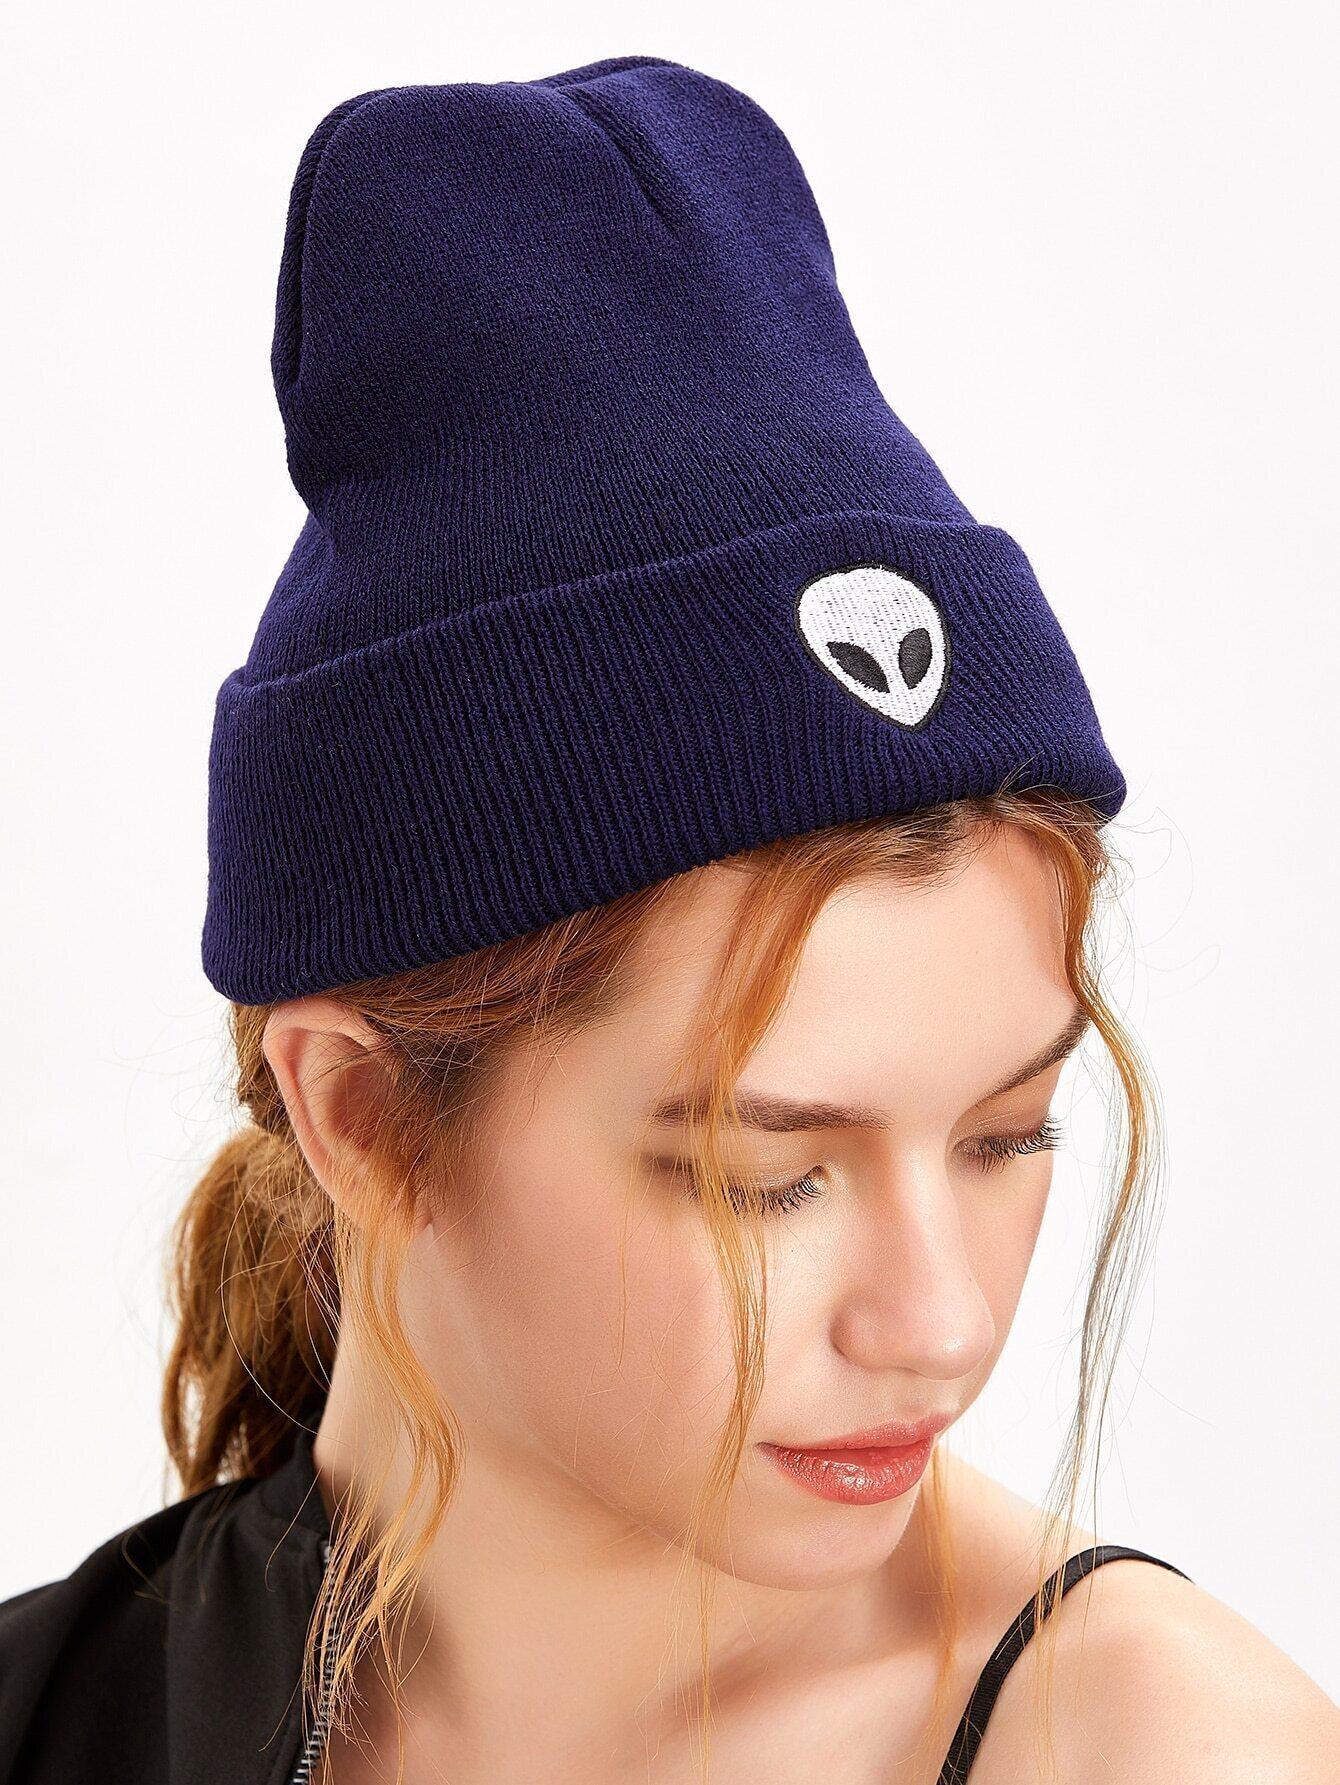 5534c12ed43 Dark Purple Alien Embroidery Wacky Beanie Hat EmmaCloth-Women Fast ...